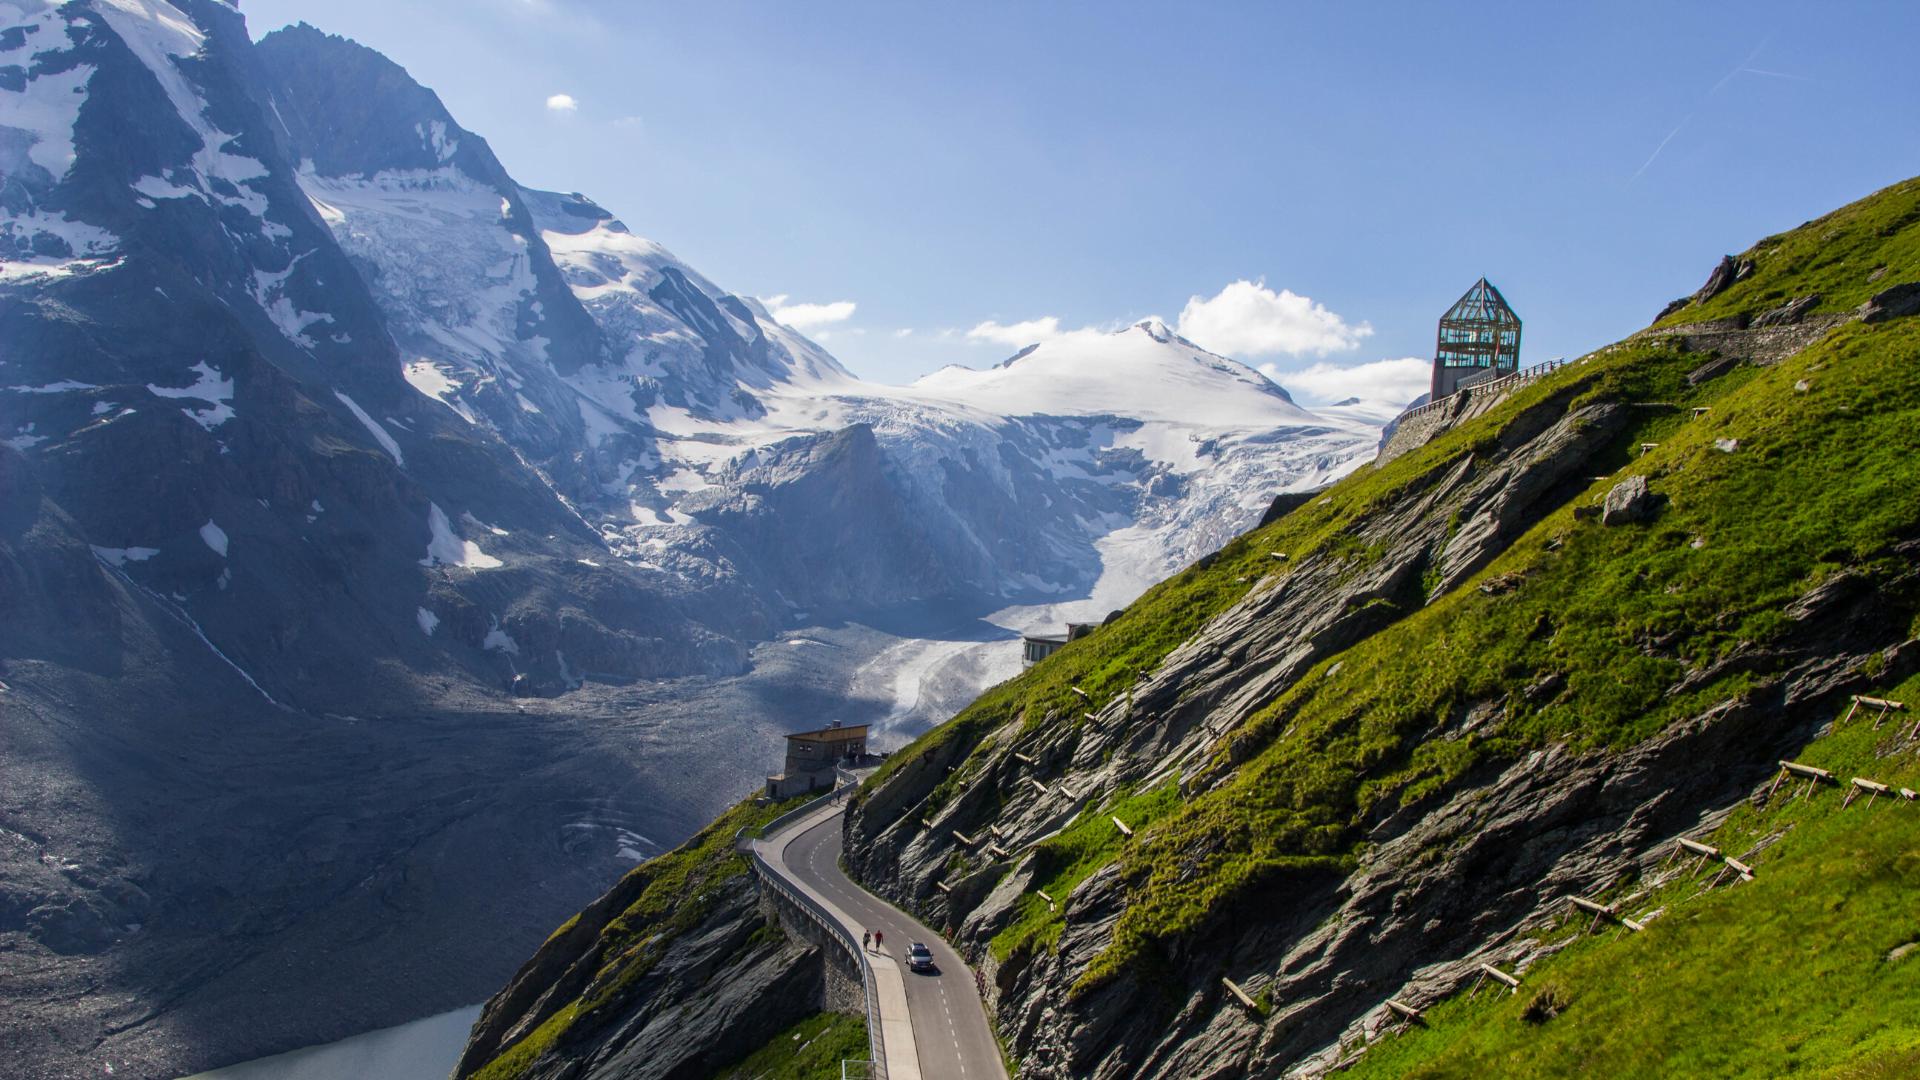 Alpitee aina kaunimate vaadetega